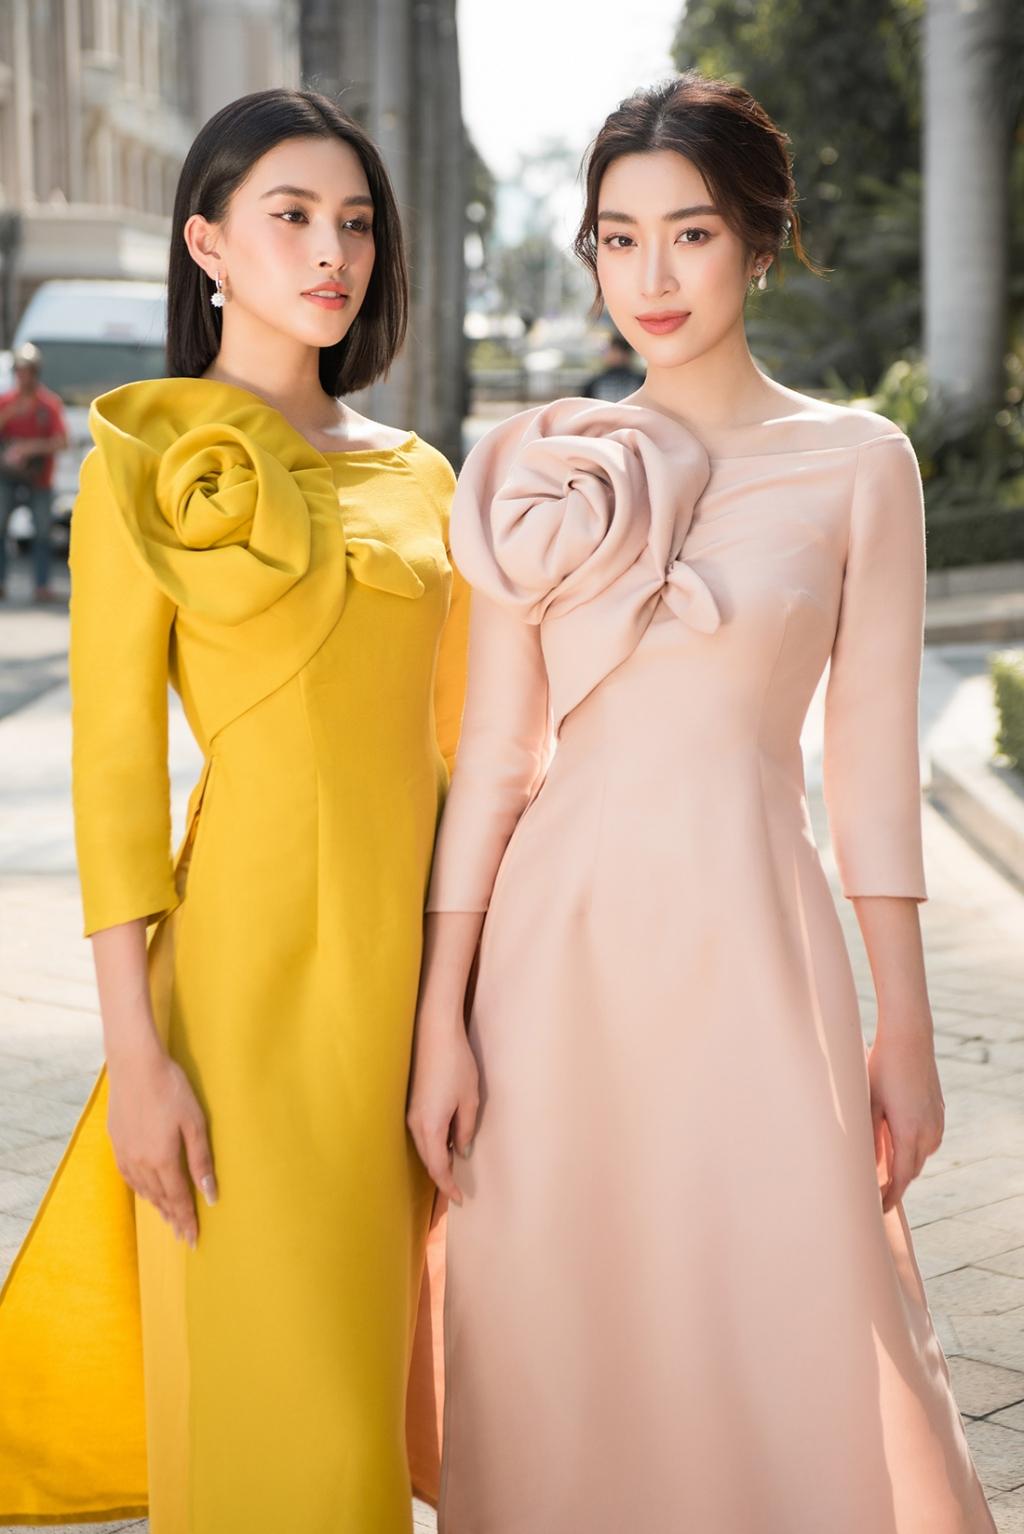 Tóc ngắn diện áo dài, Tiểu Vy xinh tươi cạnh Hoa hậu Đỗ Mỹ Linh